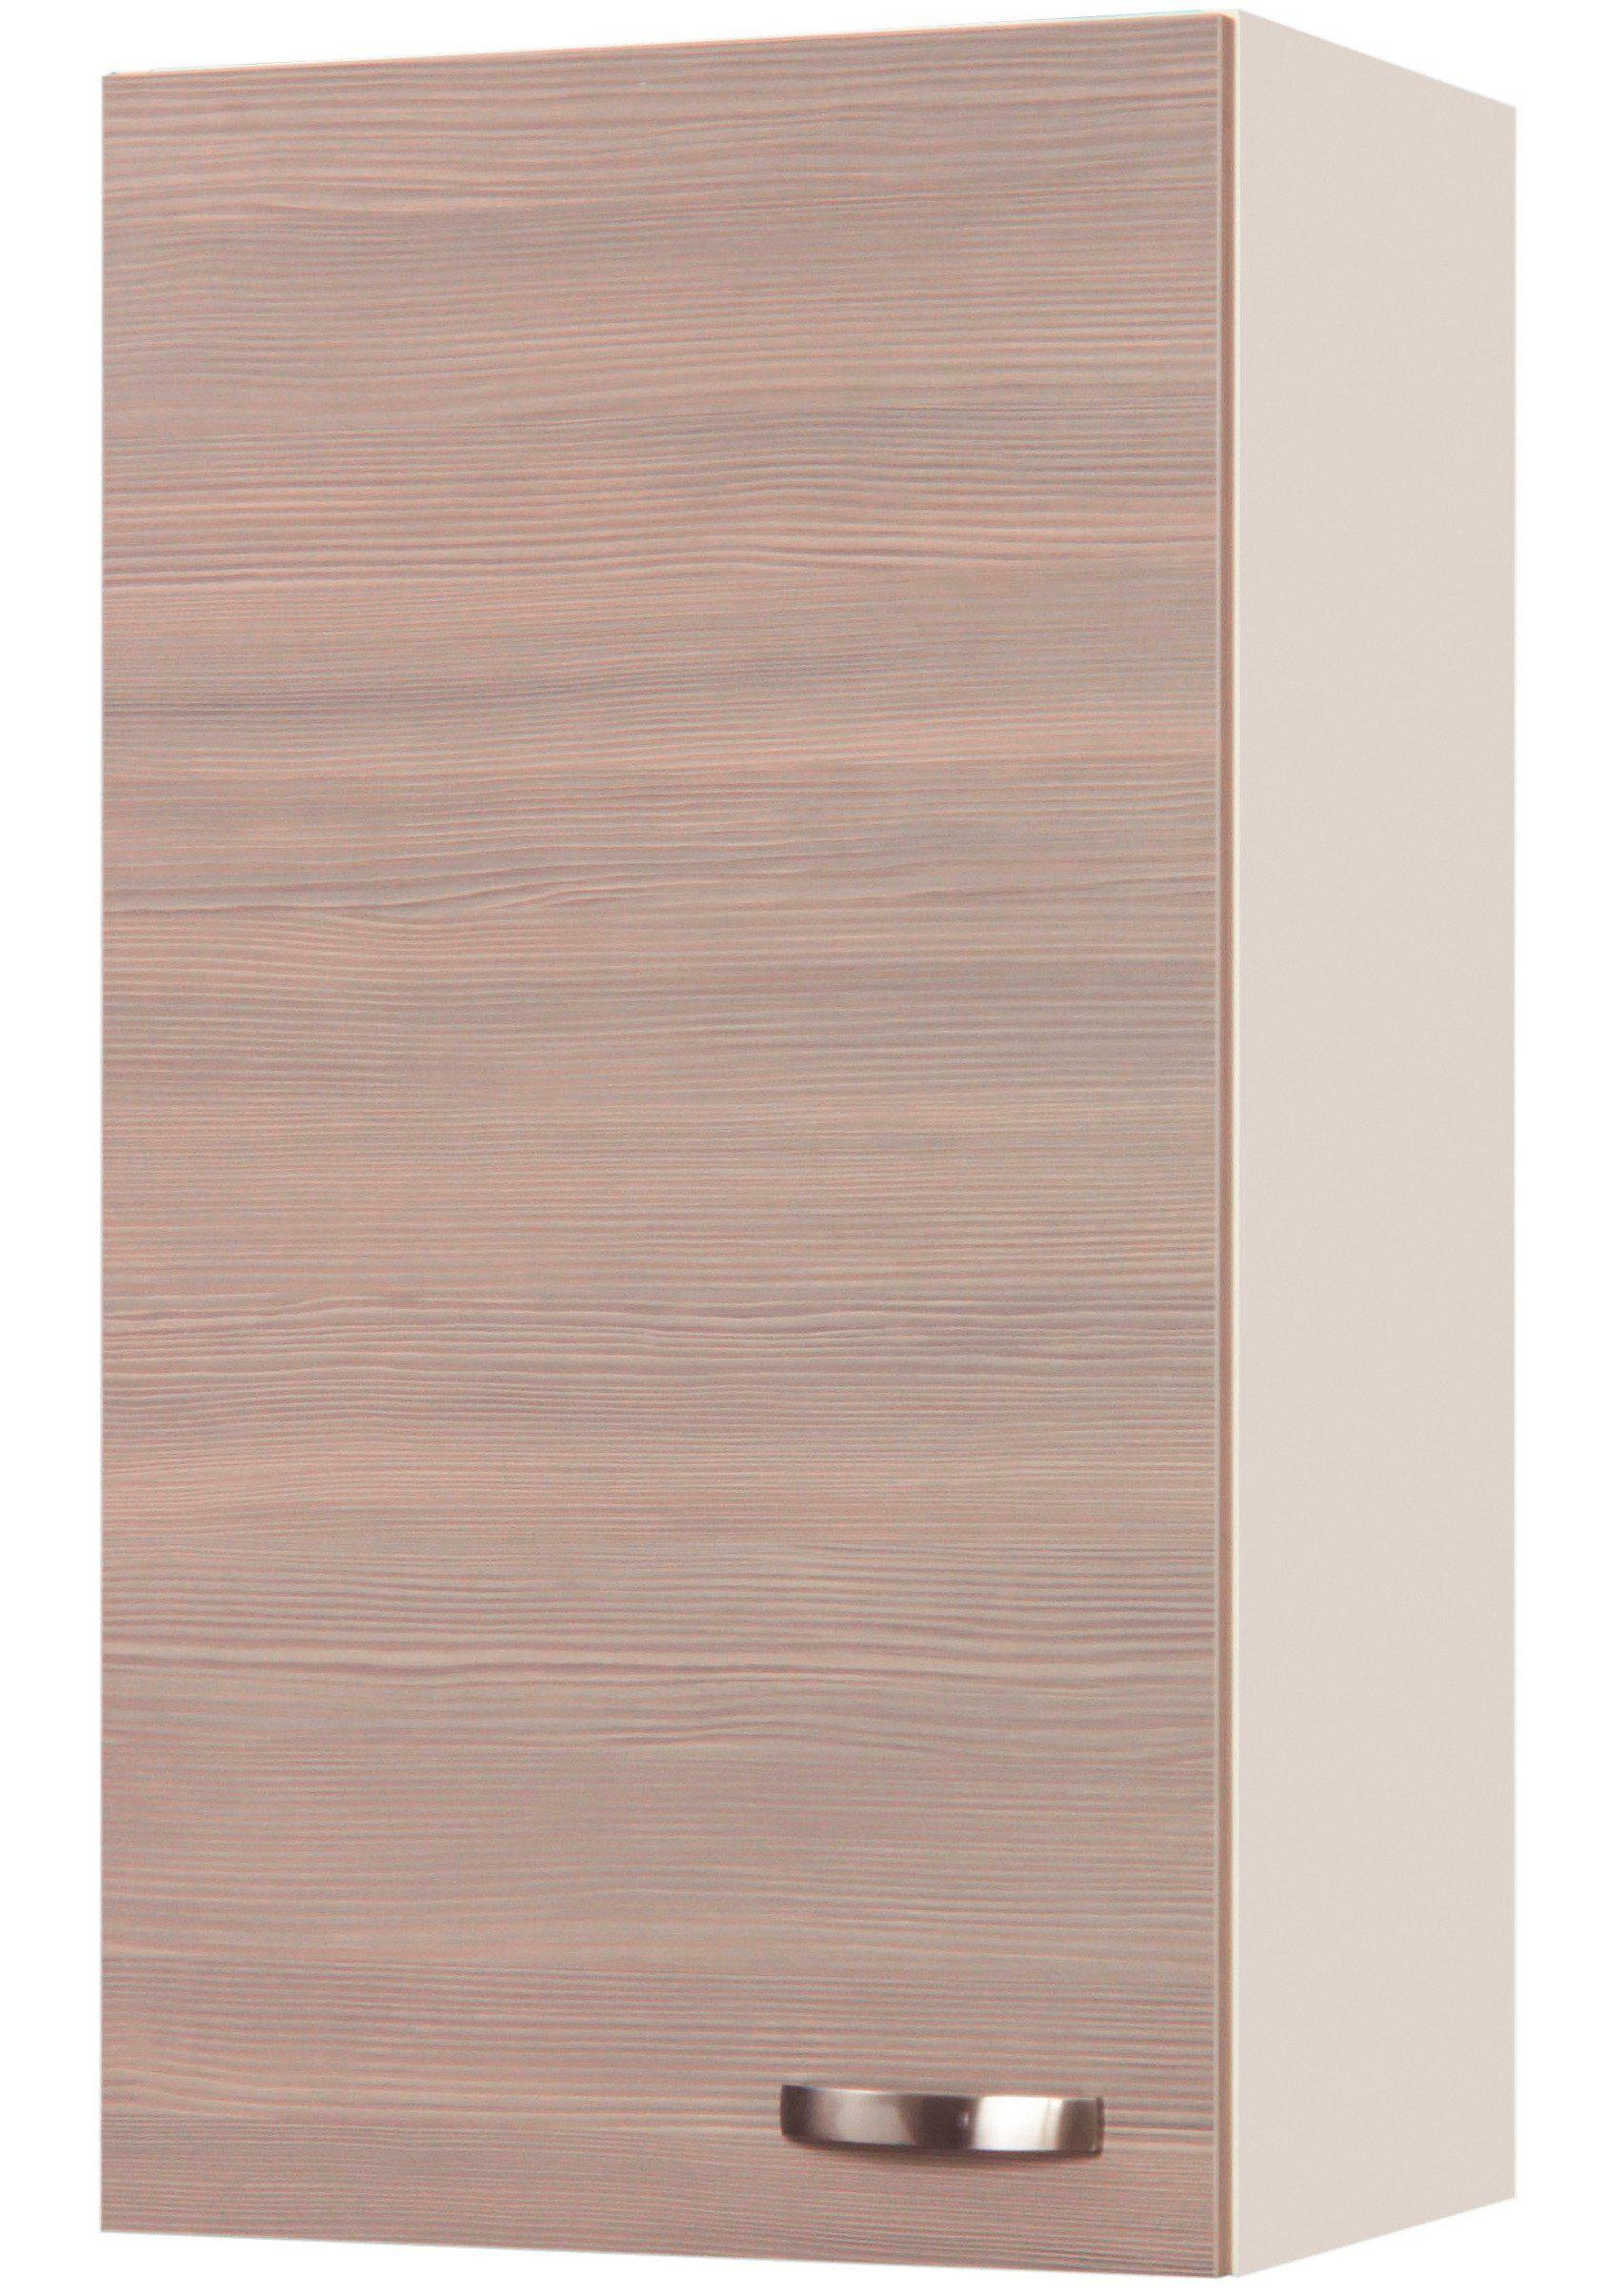 Optifit Küchenhängeschrank »Vigo«, Breite 30 cm